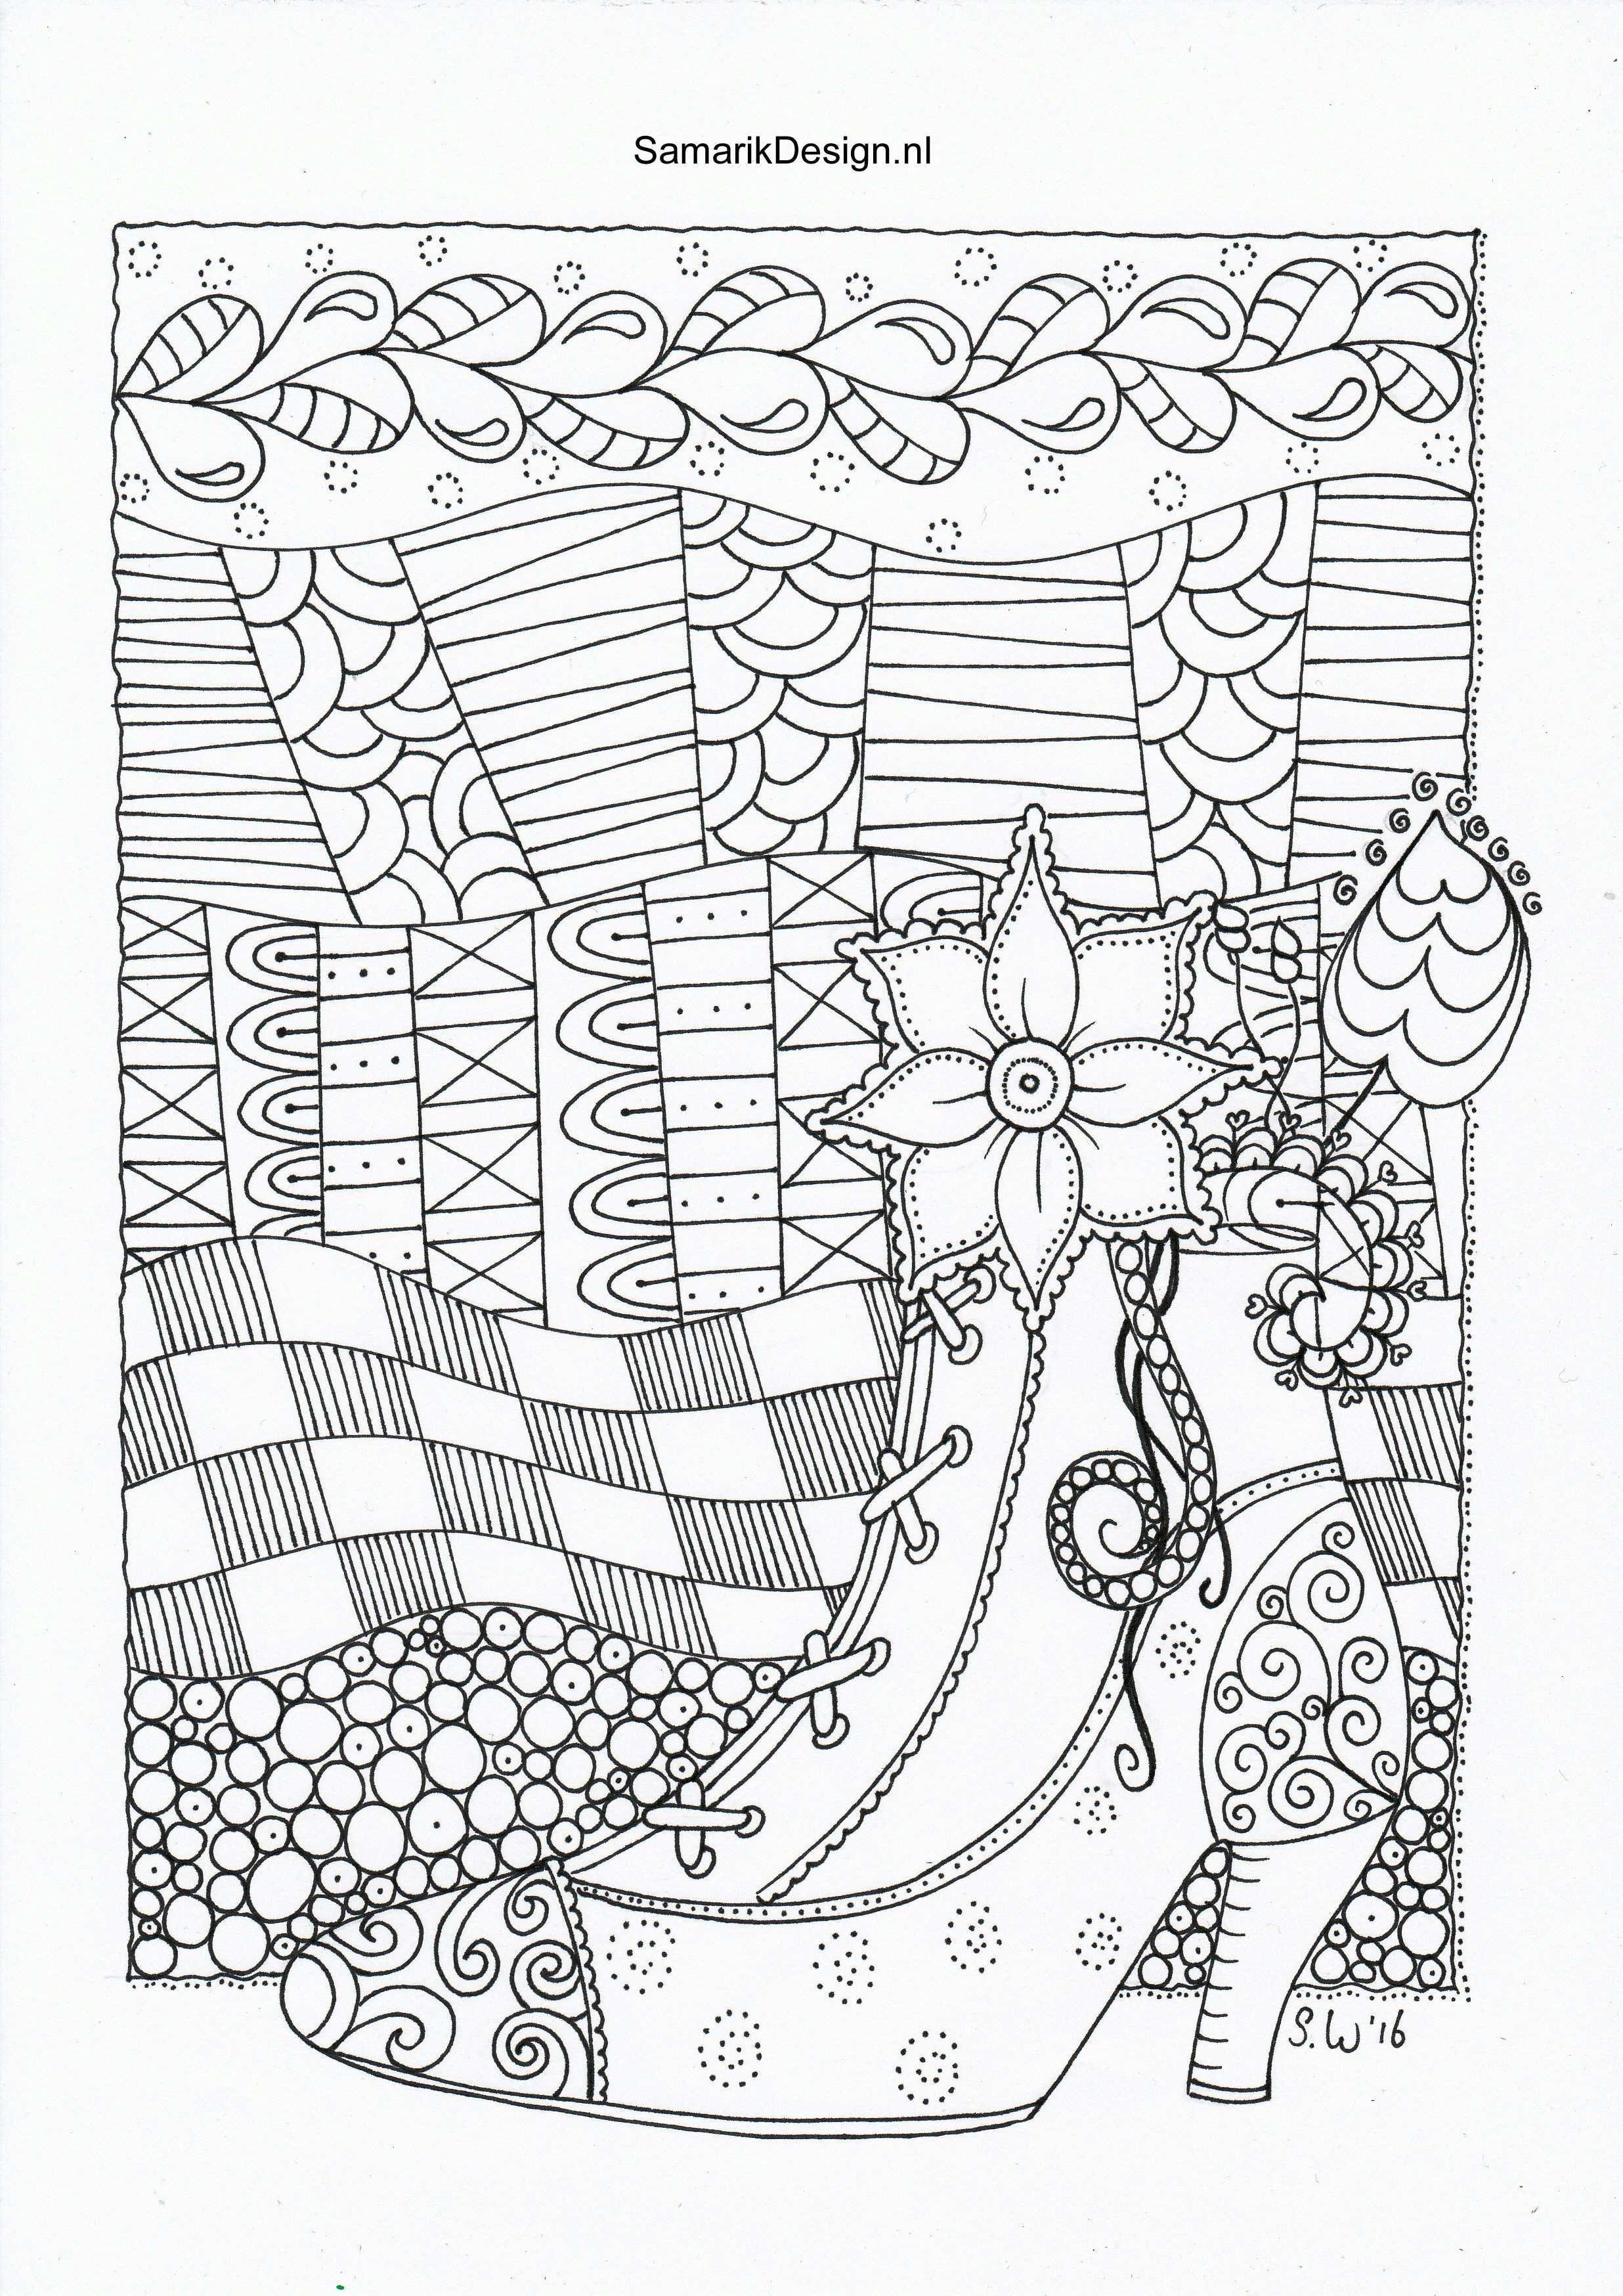 Kleurplaat Voor Volwassenen Doodle Kleurplaten Kleurboek Kleurplaten Voor Volwassenen